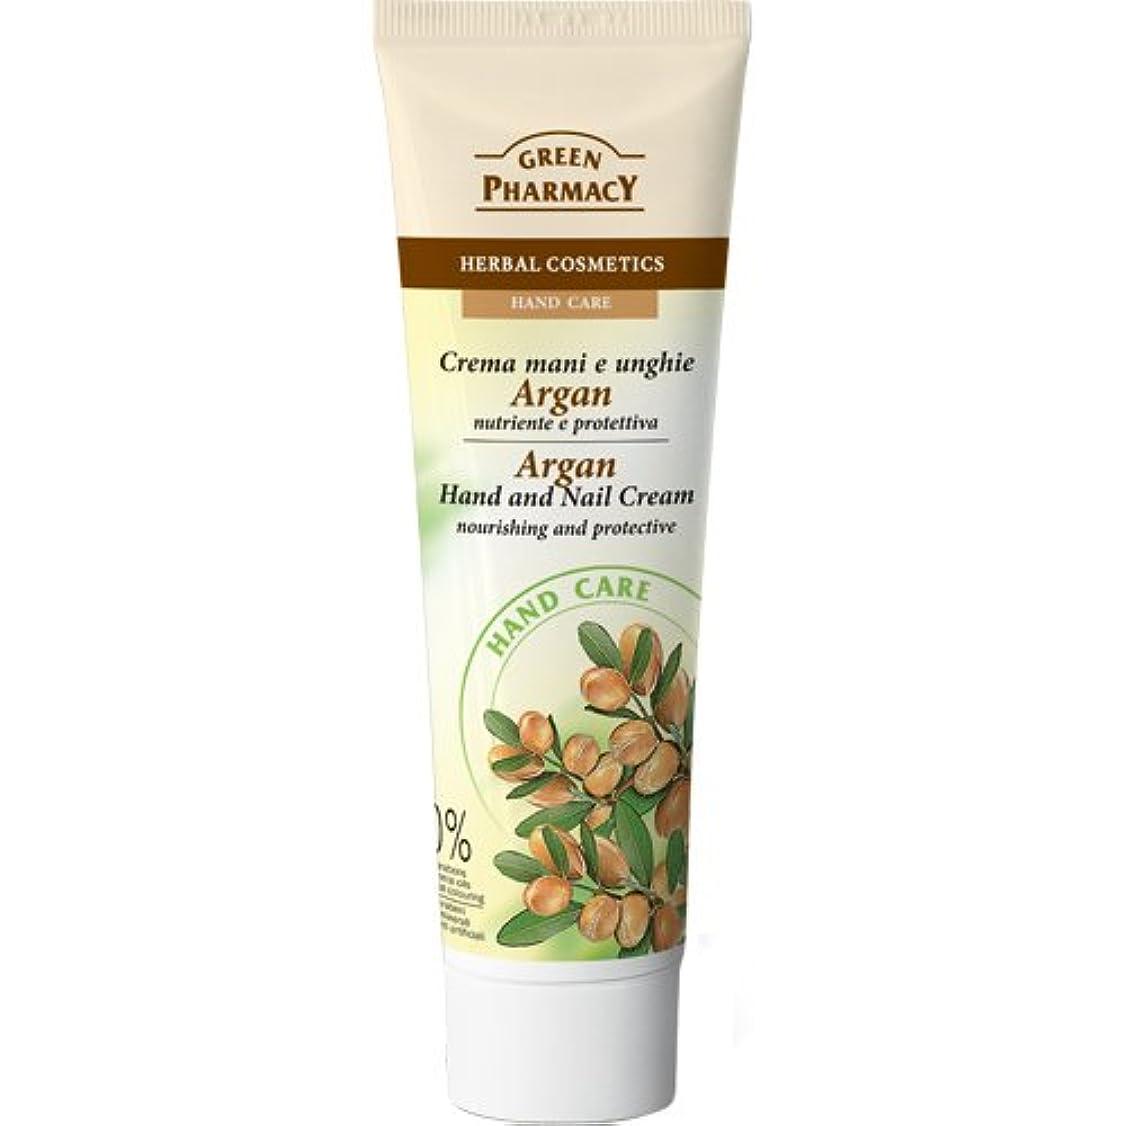 泥だらけウェブ付けるElfa Pharm Green Pharmacy グリーンファーマシー Hand&Nail Cream ハンド&ネイルクリーム Argan Oil